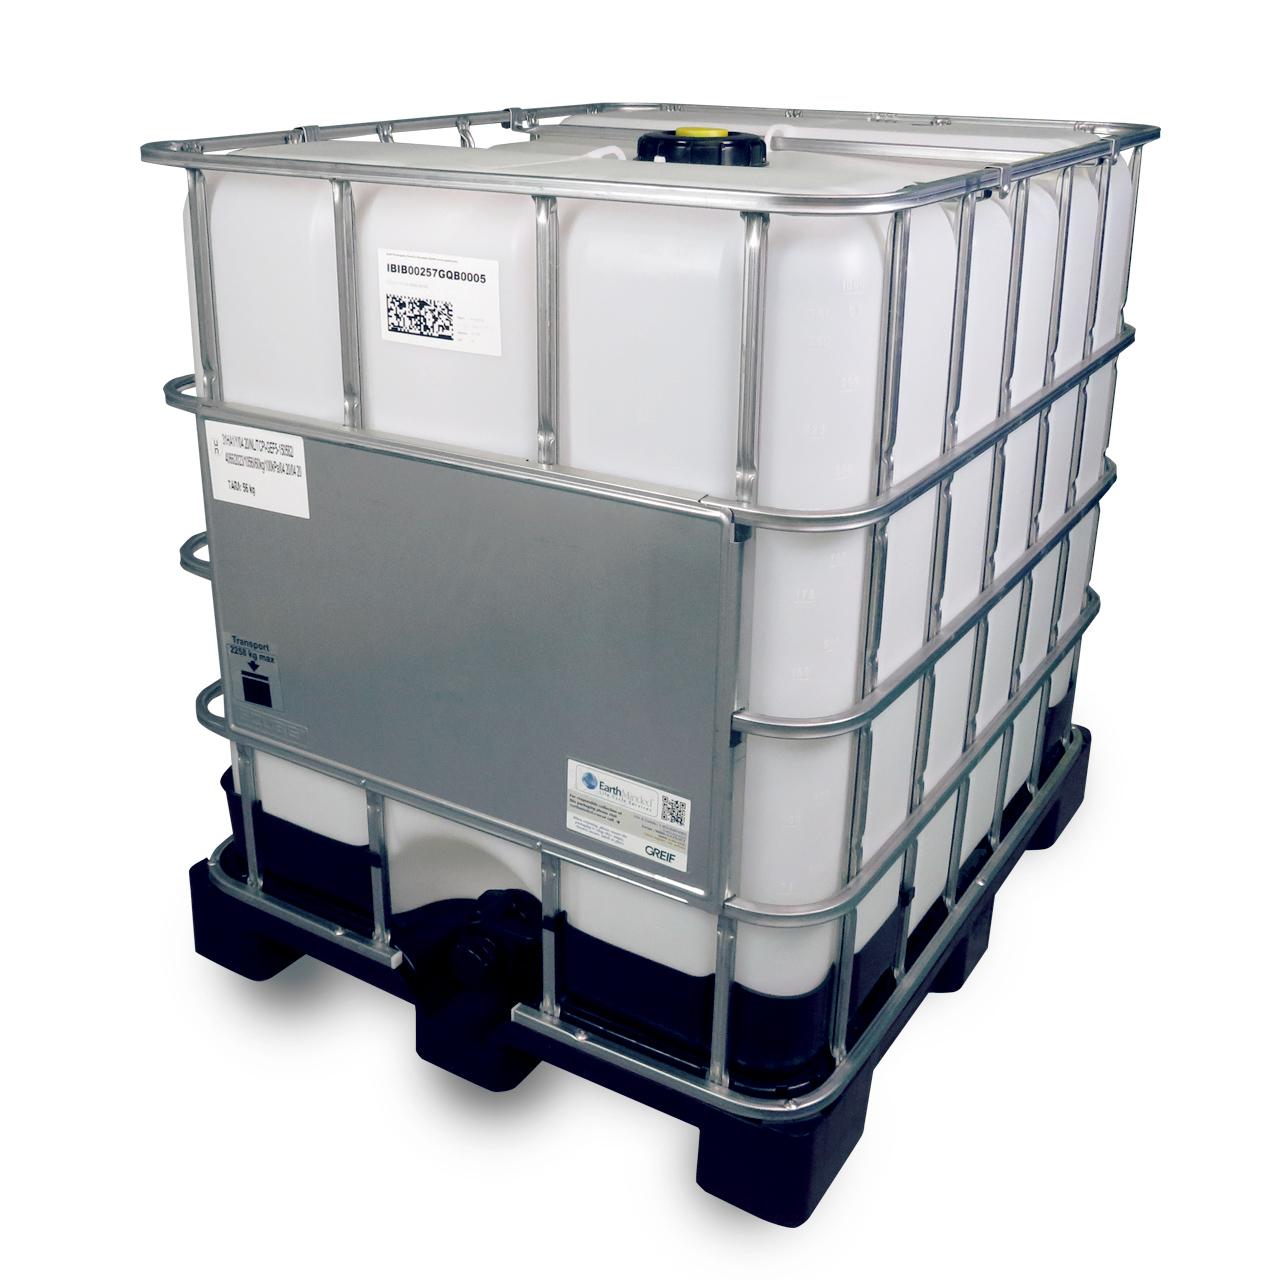 1000 L IBC Container, Kunststoff-Palette, 150/50, Entgasung, UN